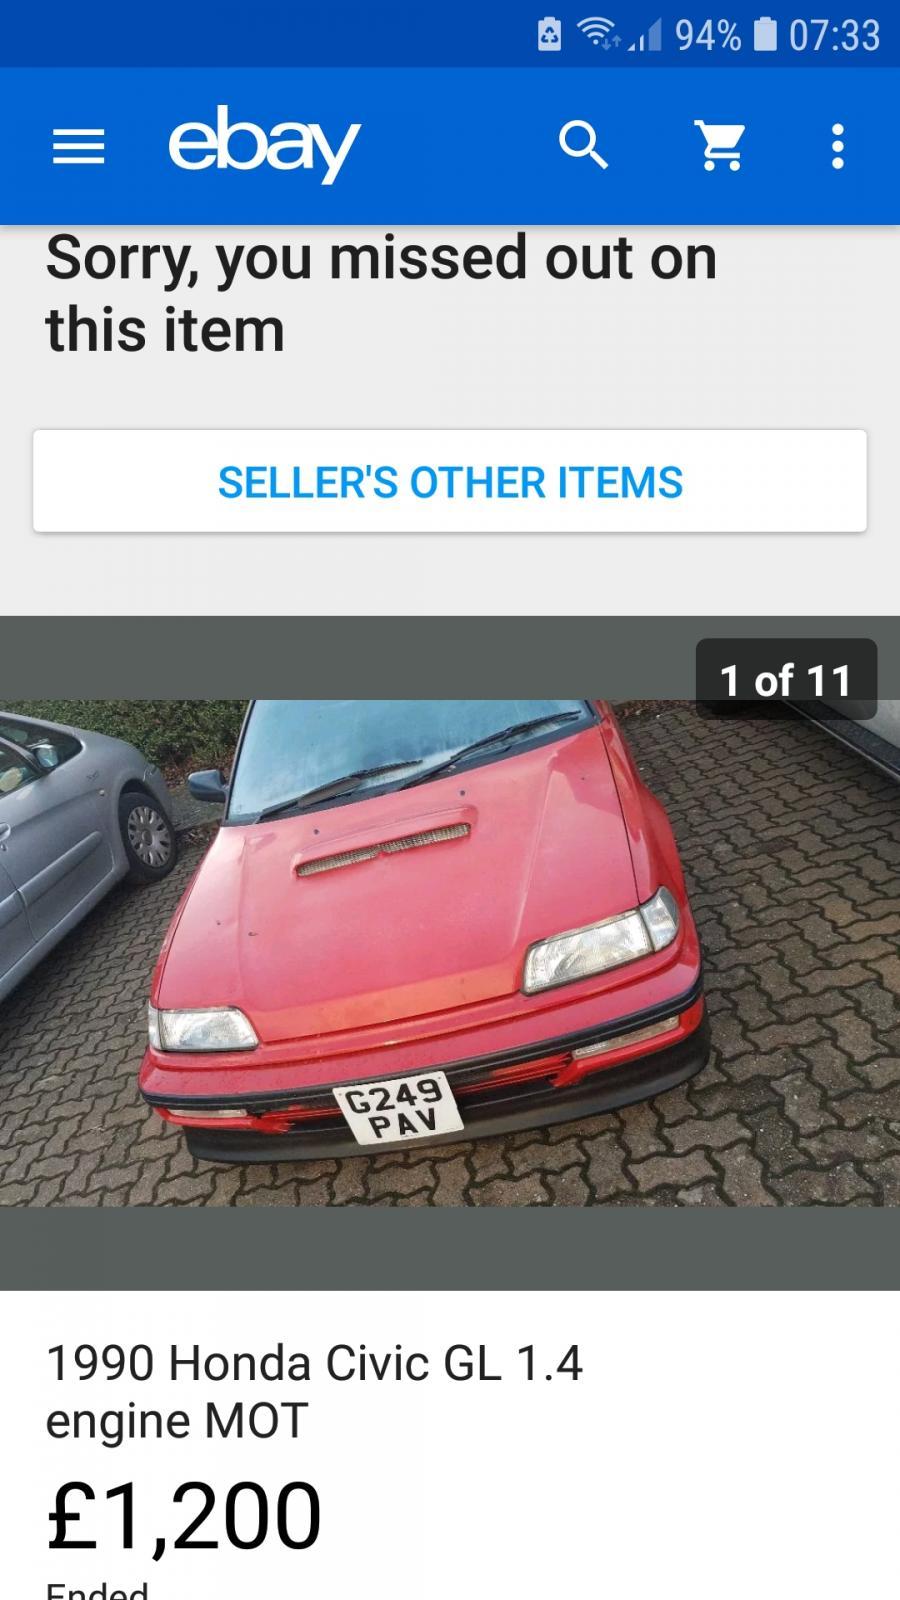 Screenshot_20190223-073329_eBay.jpg